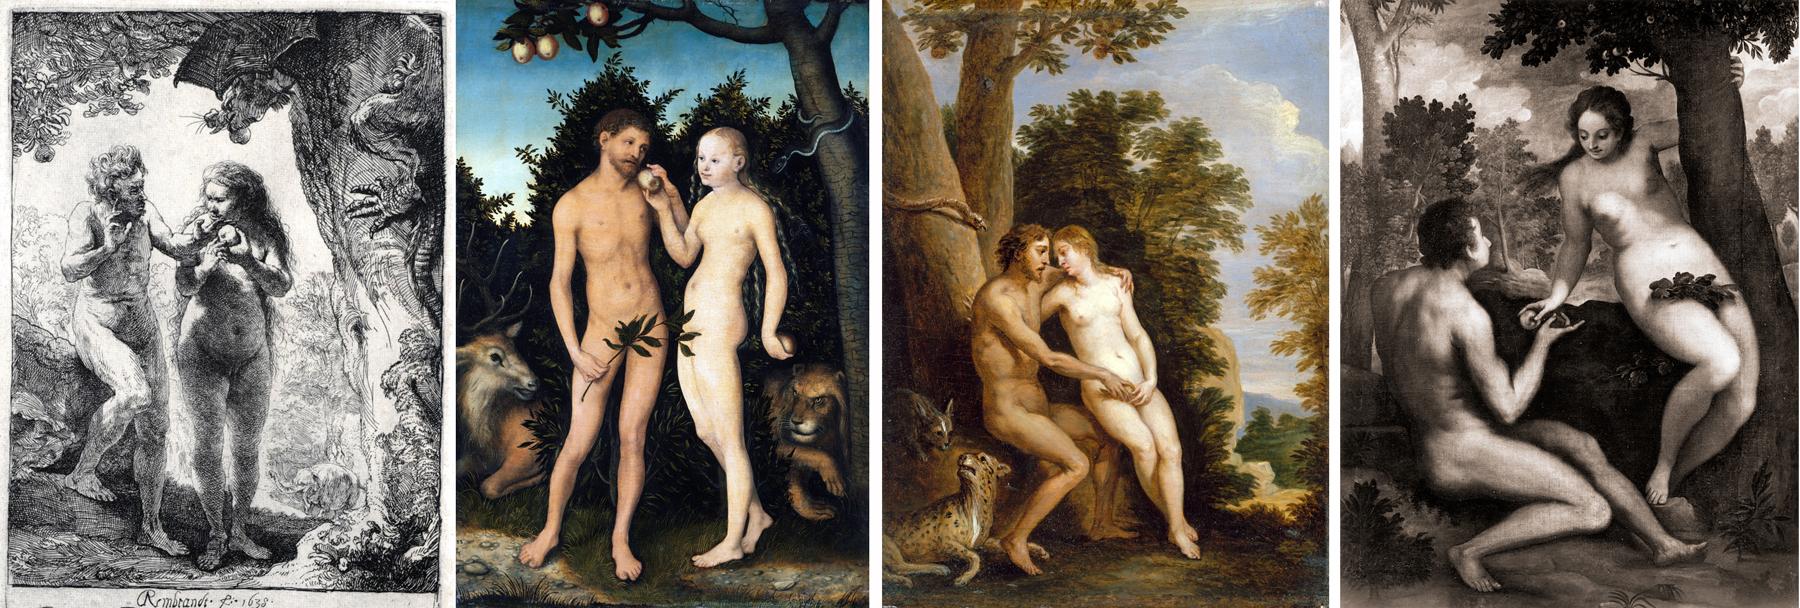 Craigslist palmdale erotic